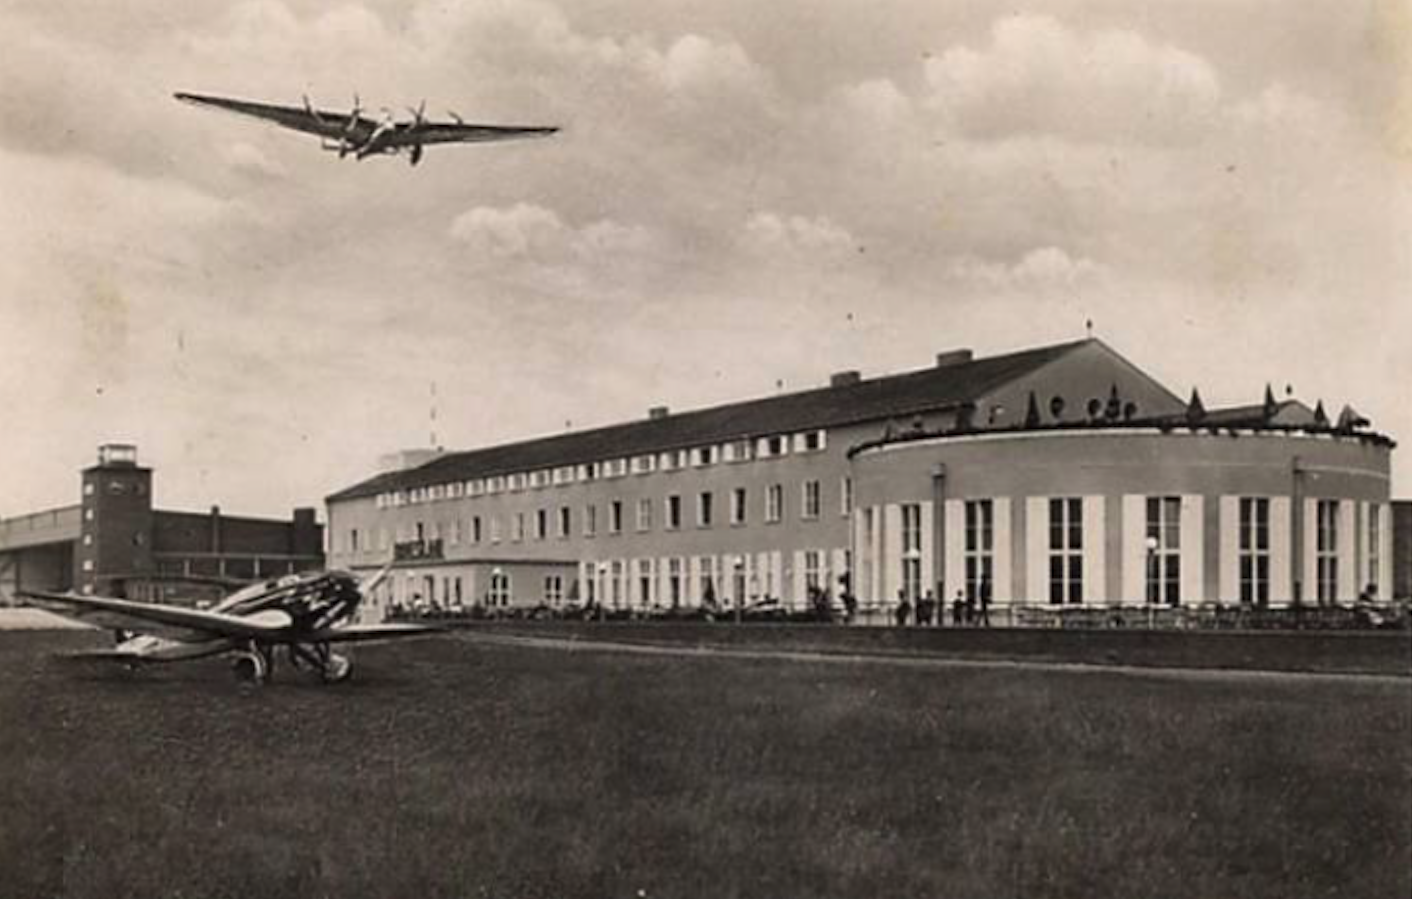 Gądów Mały airport. 1937. Photo of LAC